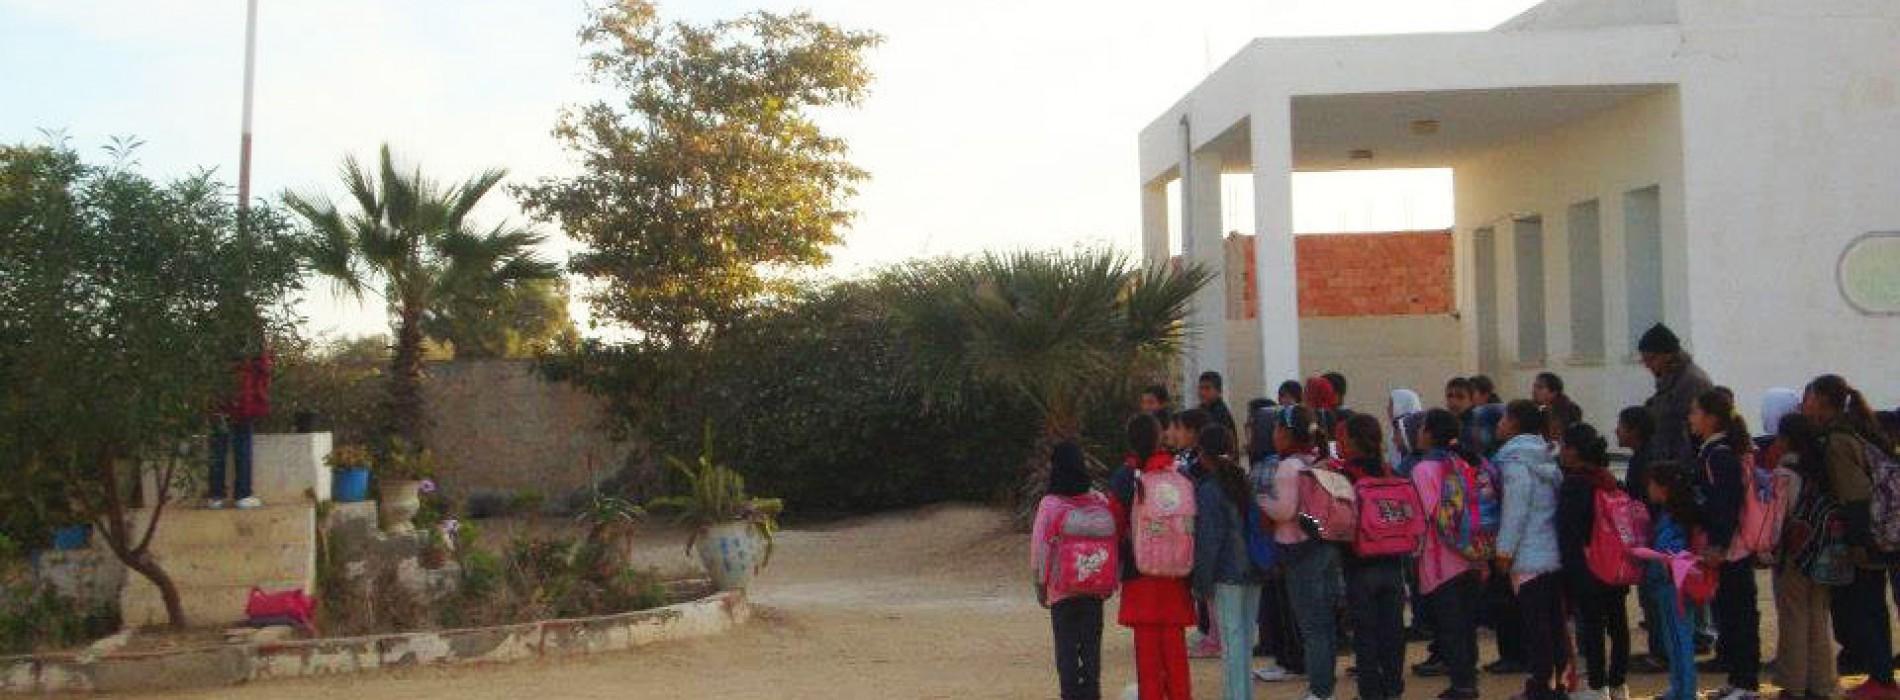 L'école primaire au Kef